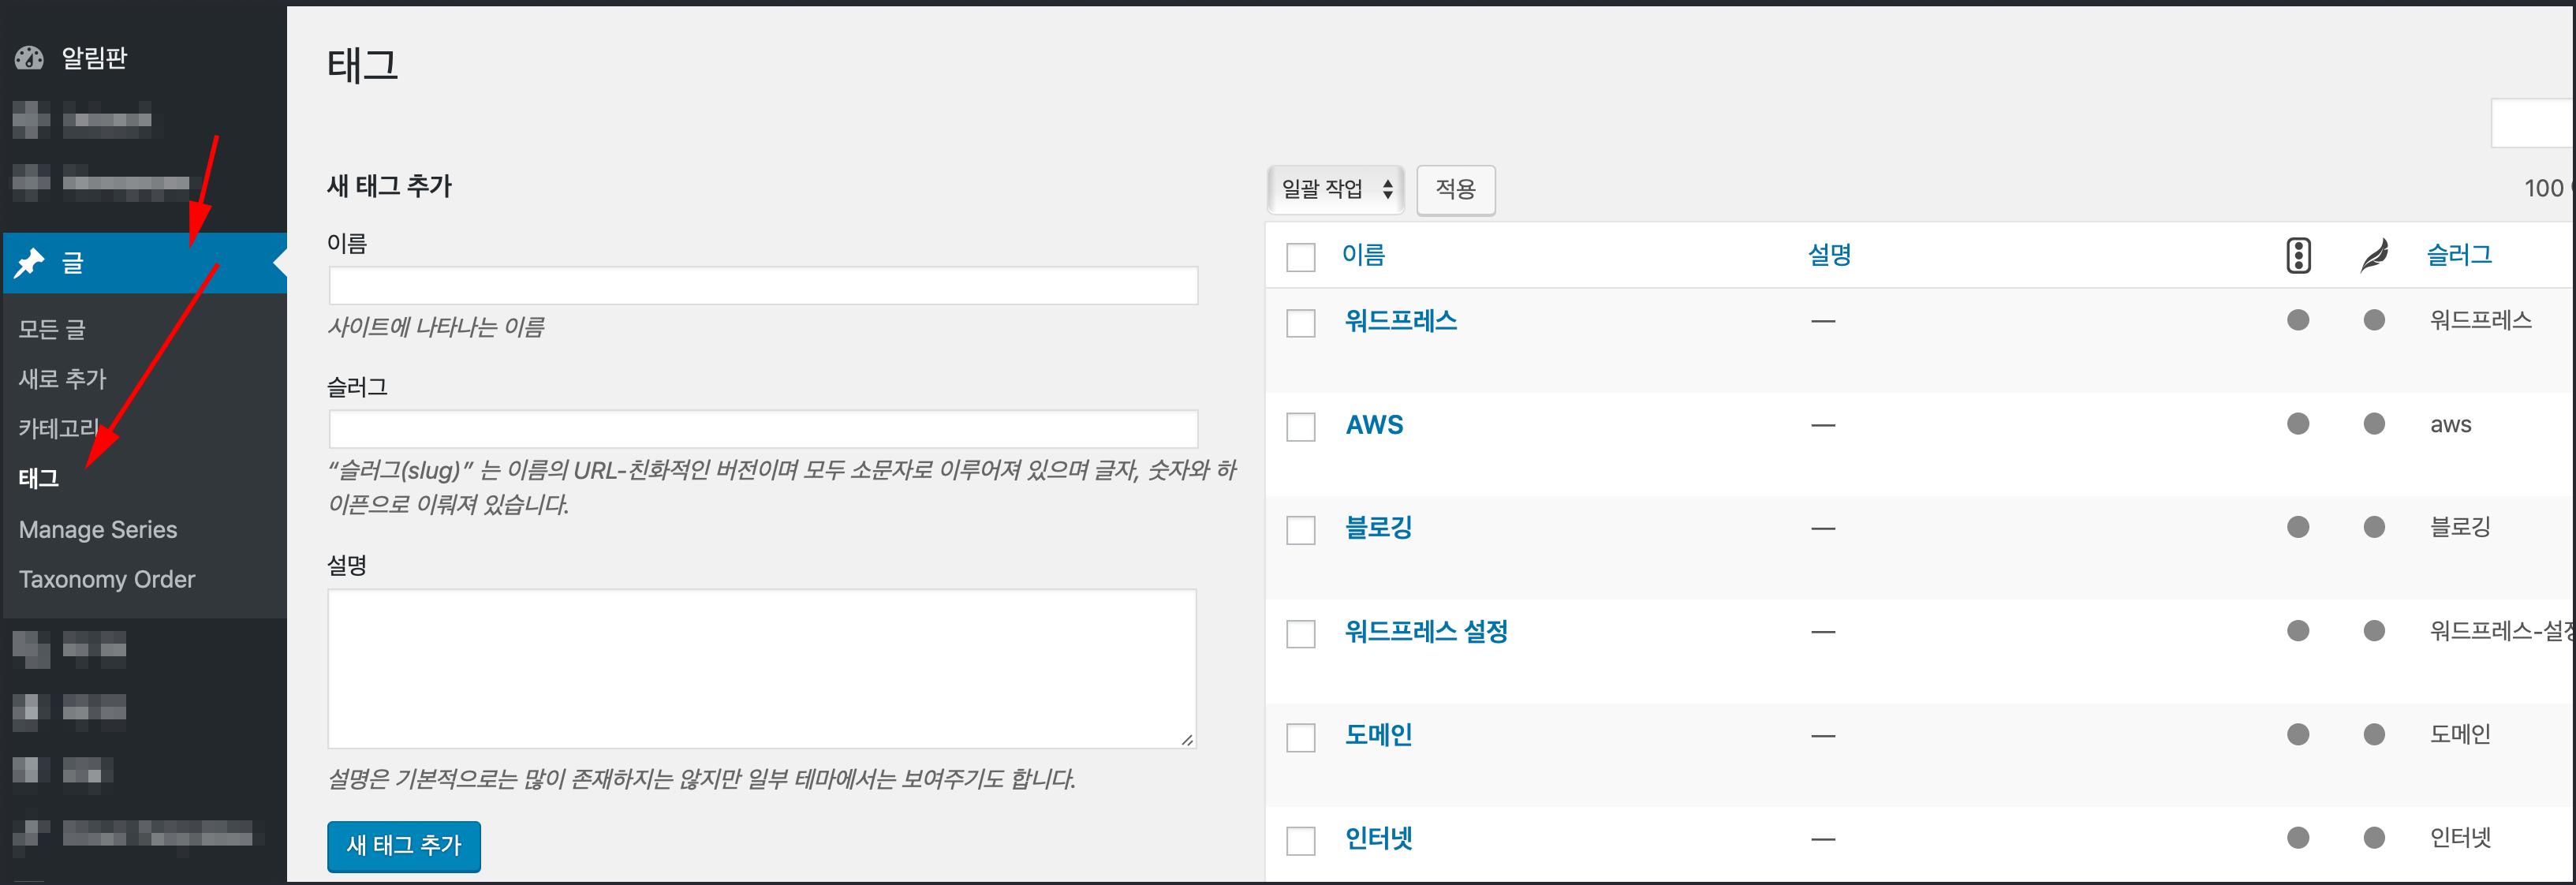 관리자화면 글 메뉴의 태그 서브메뉴